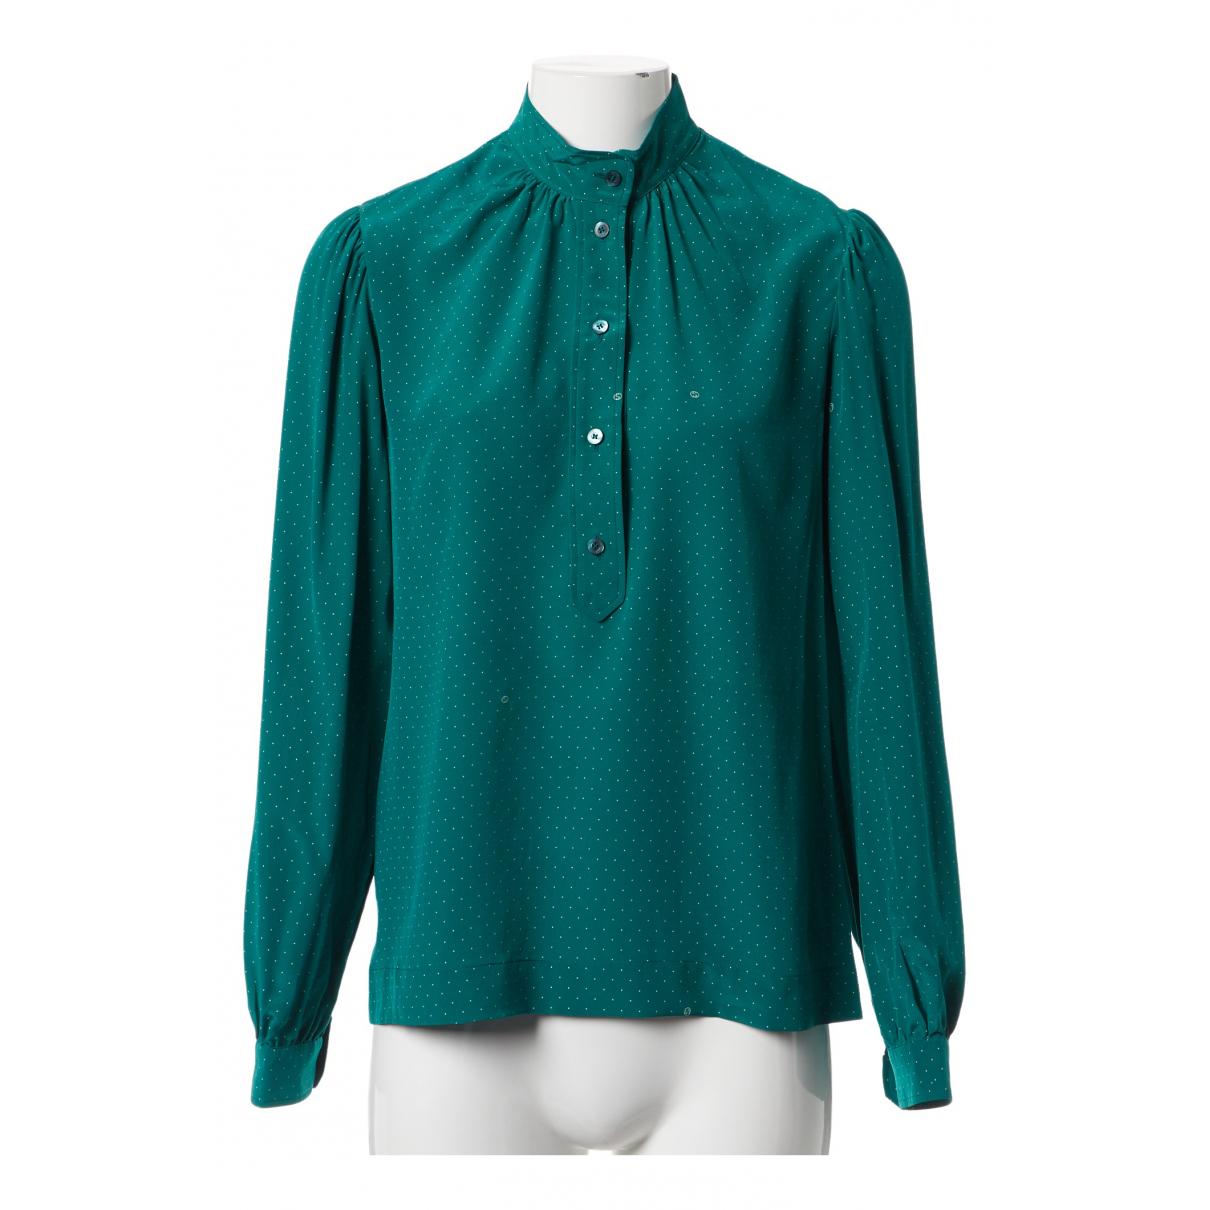 Gucci - Top   pour femme en soie - turquoise